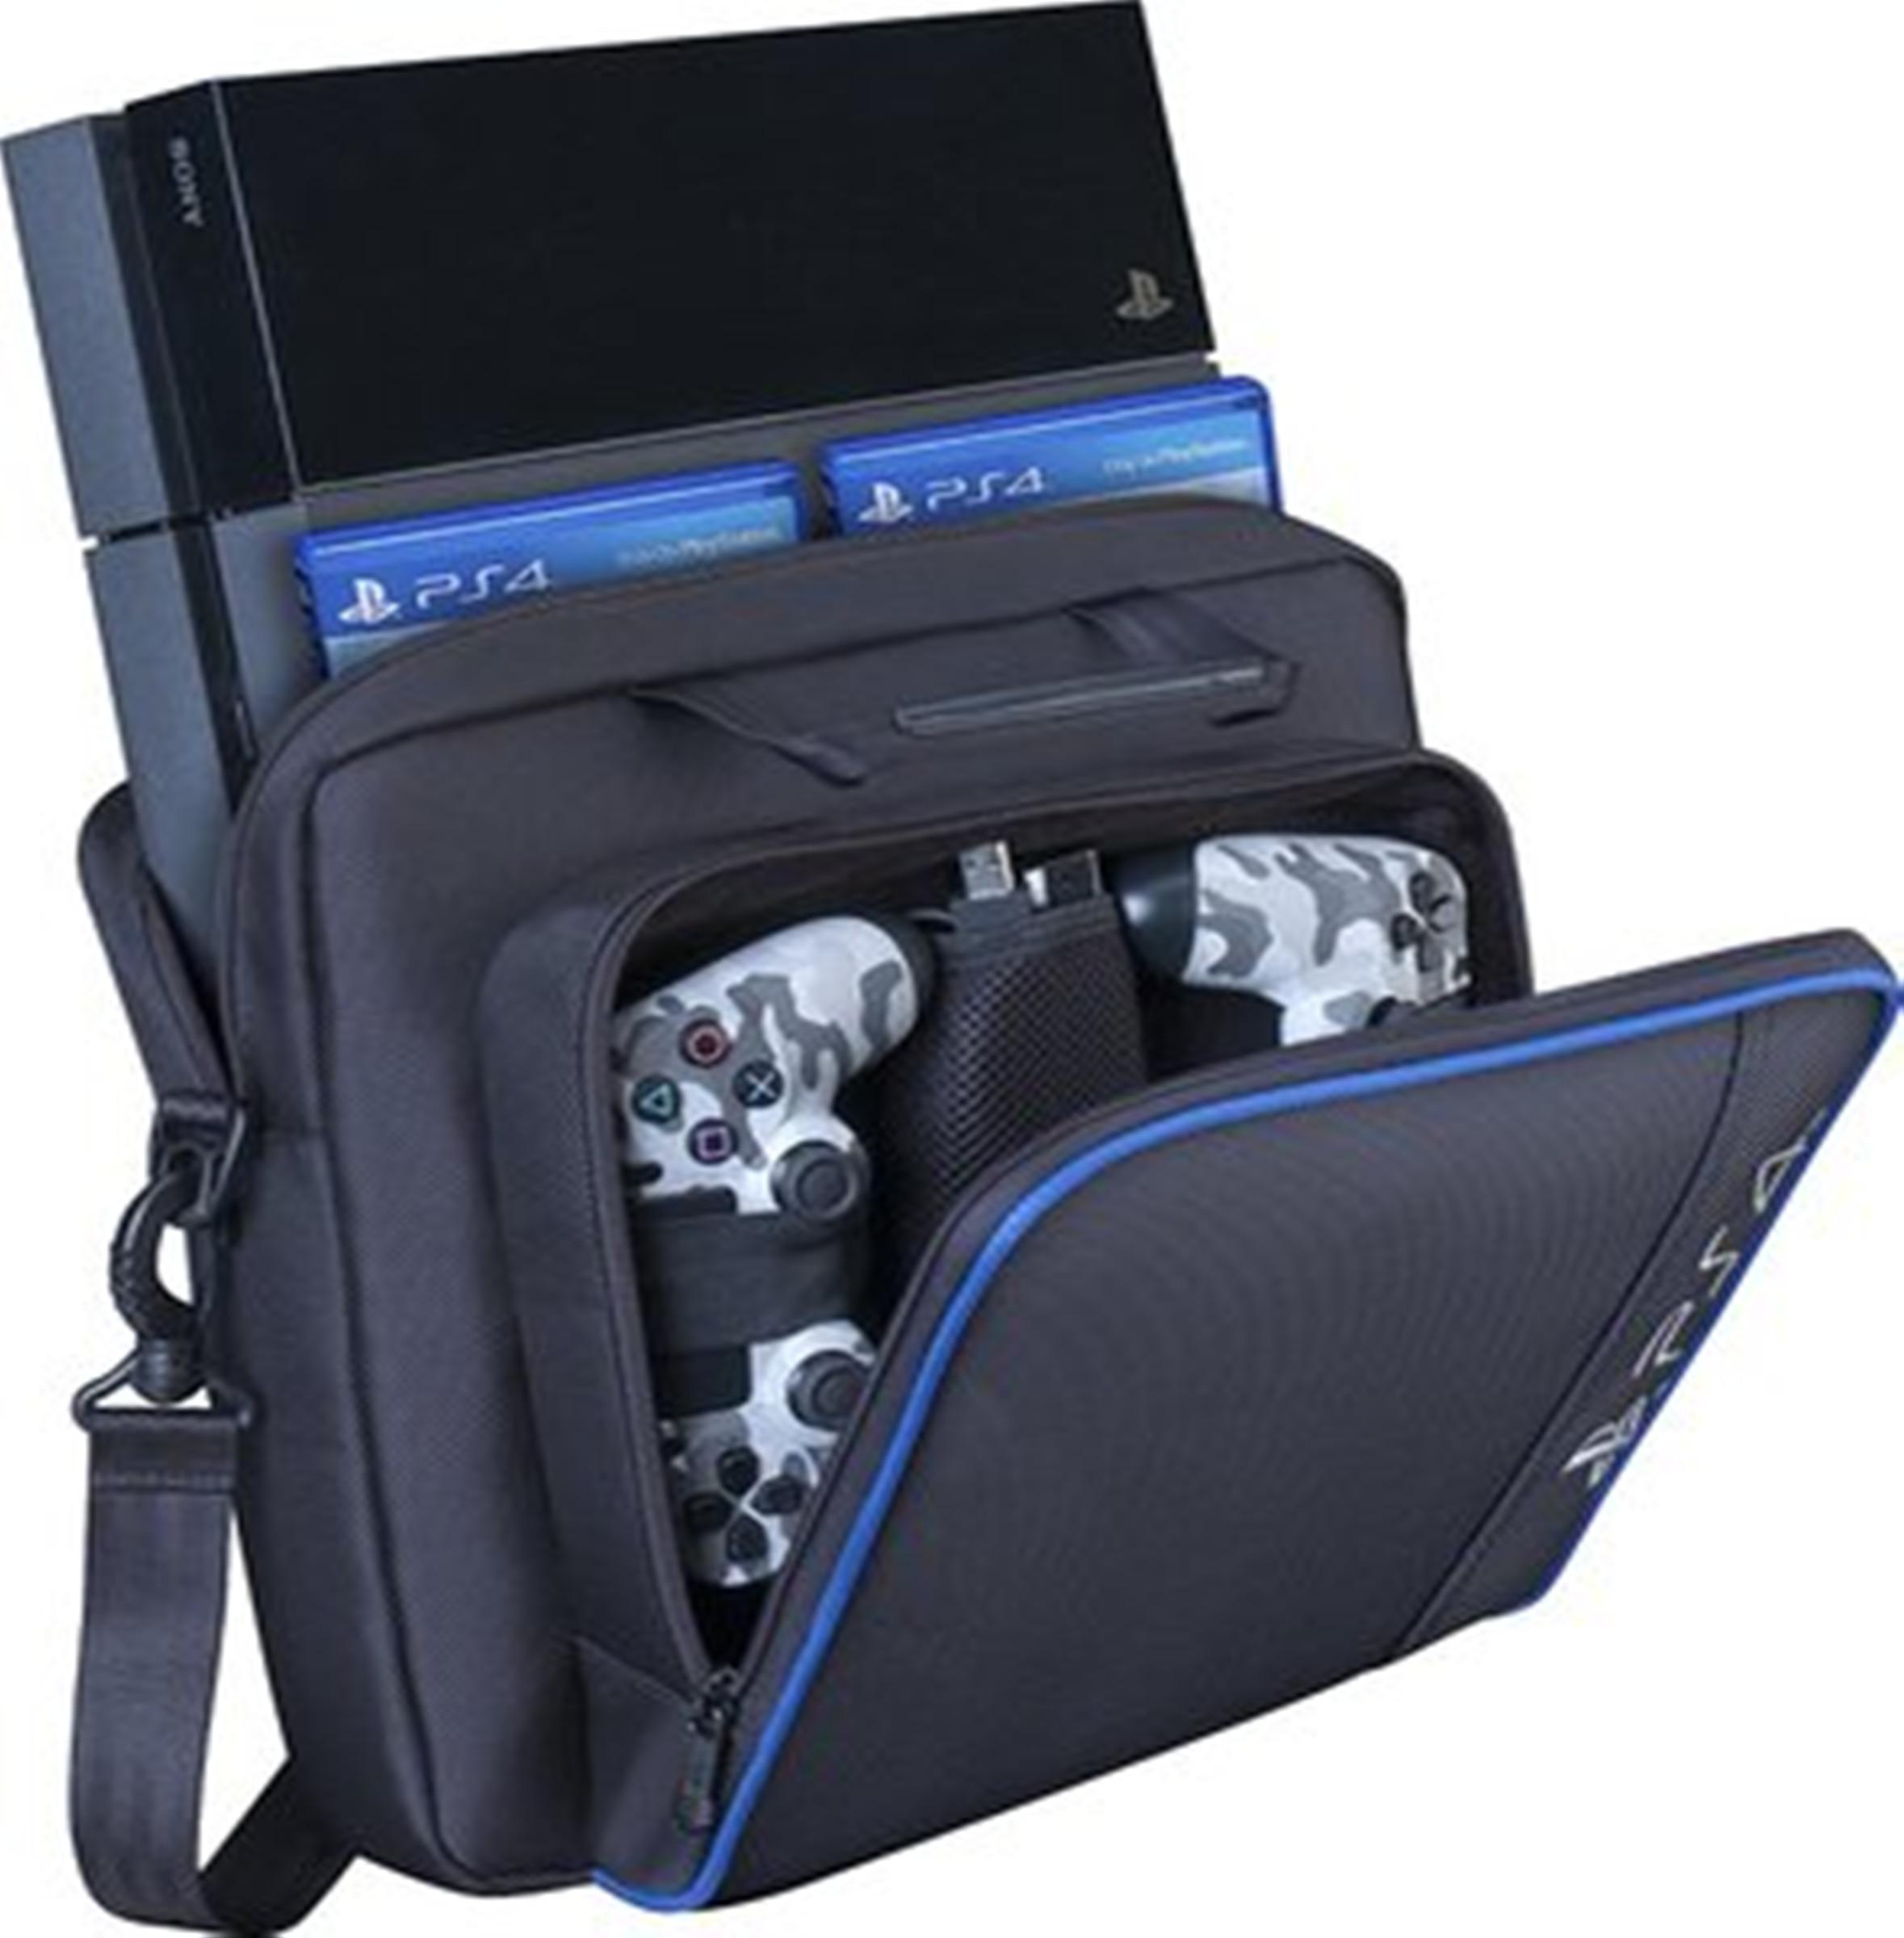 Бесплатная доставка PS4 главная эвм пакет пакета сумочку PS4 slim VR PS4PRO сумку большой потенциал пакет